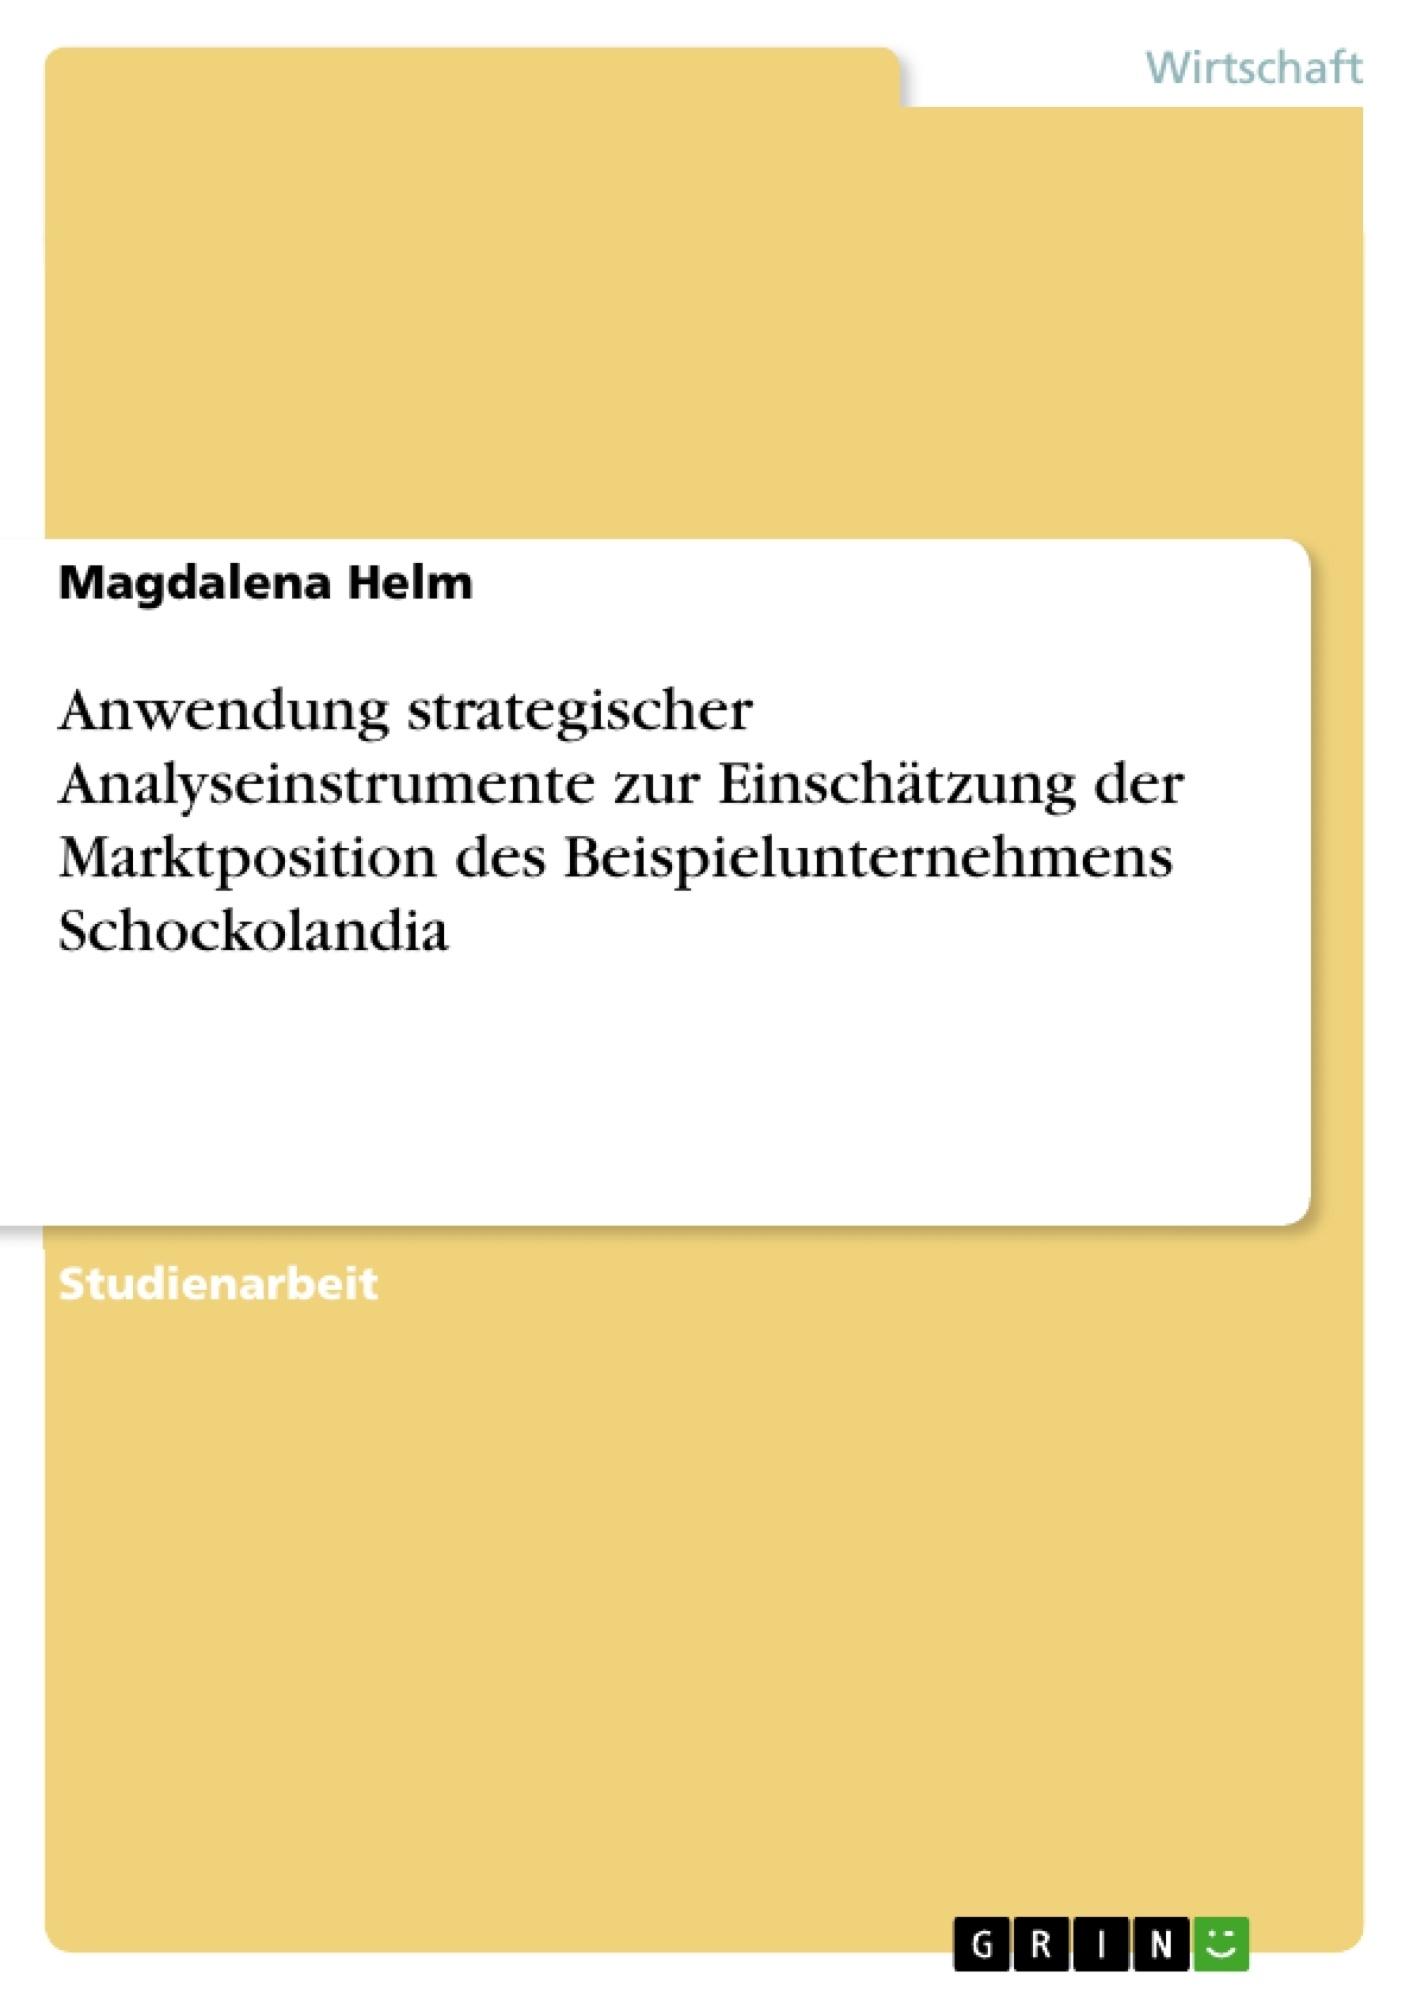 Titel: Anwendung strategischer Analyseinstrumente zur Einschätzung der Marktposition des Beispielunternehmens Schockolandia